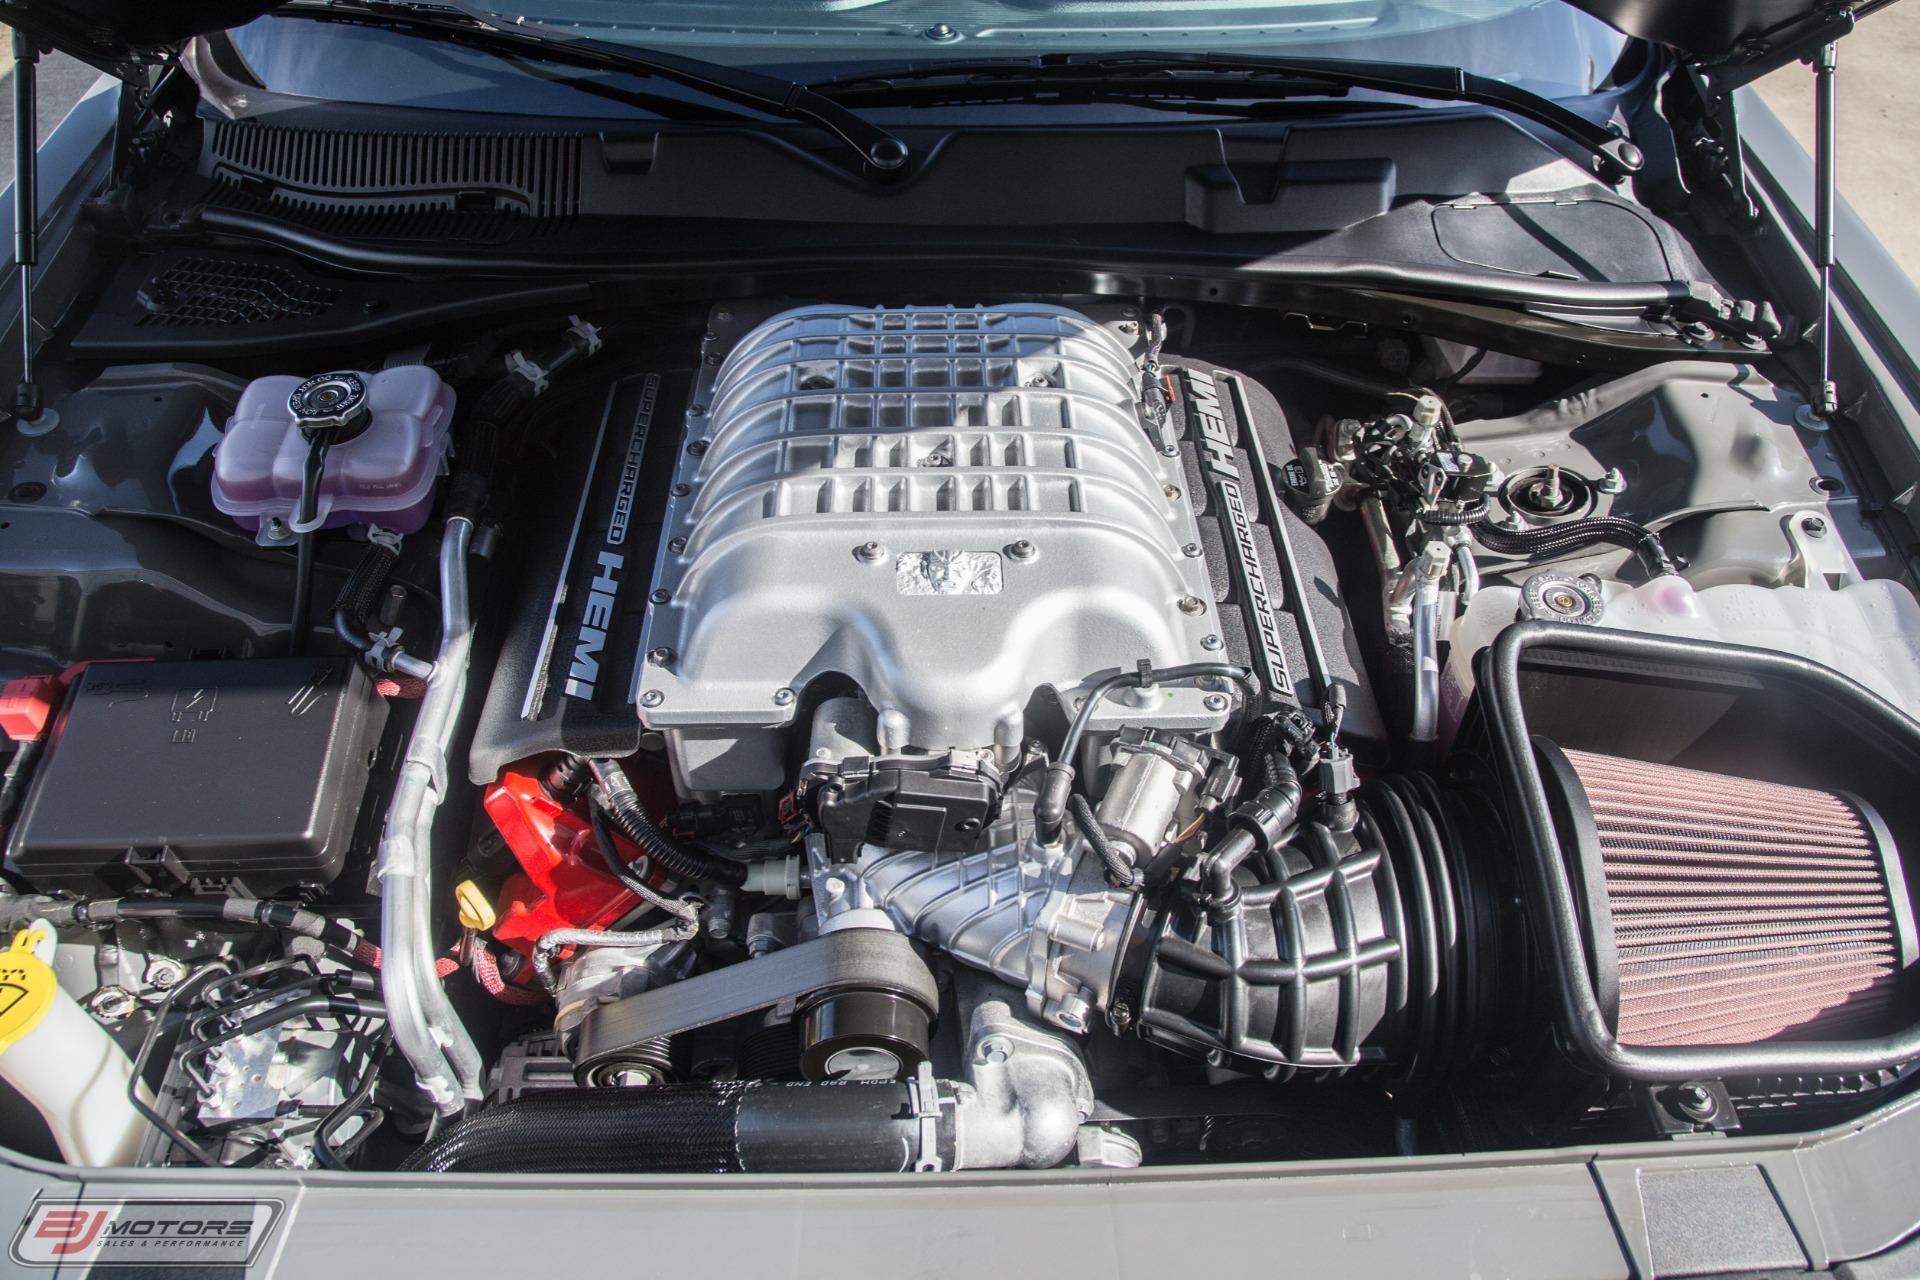 Used 2018 Dodge Challenger SRT Demon For Sale ($114,995